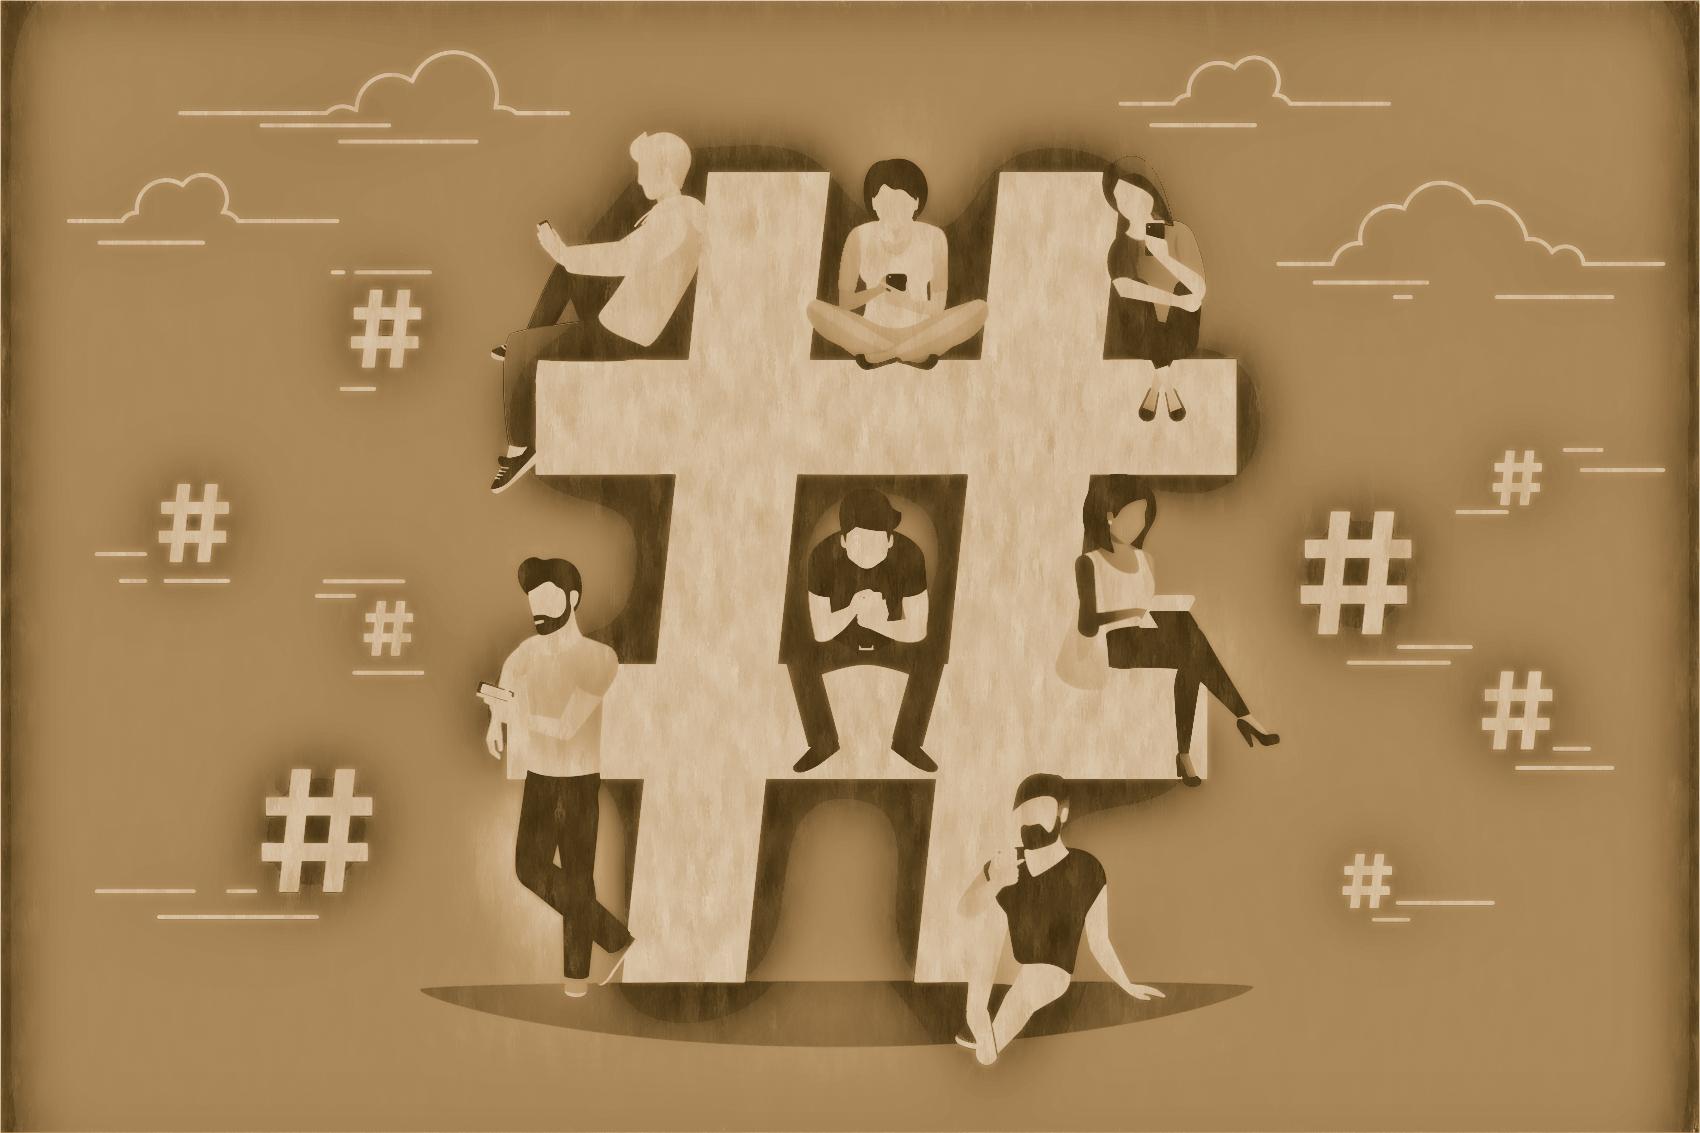 Social picks #labsocials